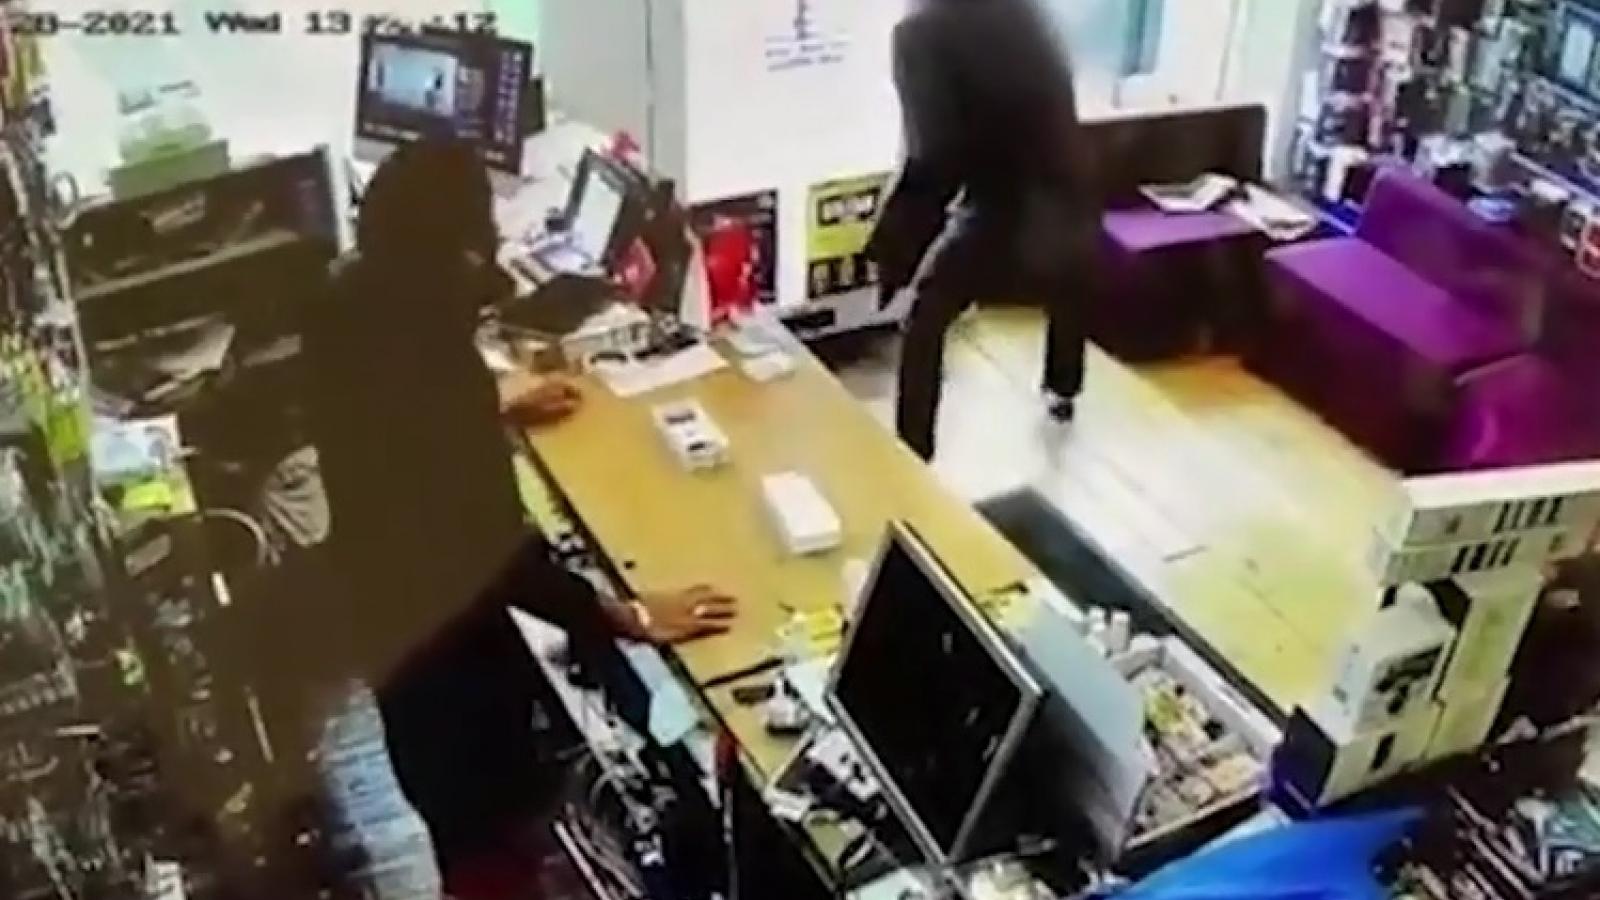 Video: Tên trộm vừa chôm đồ đã phải trả lại vì bị nhốt trong cửa hàng